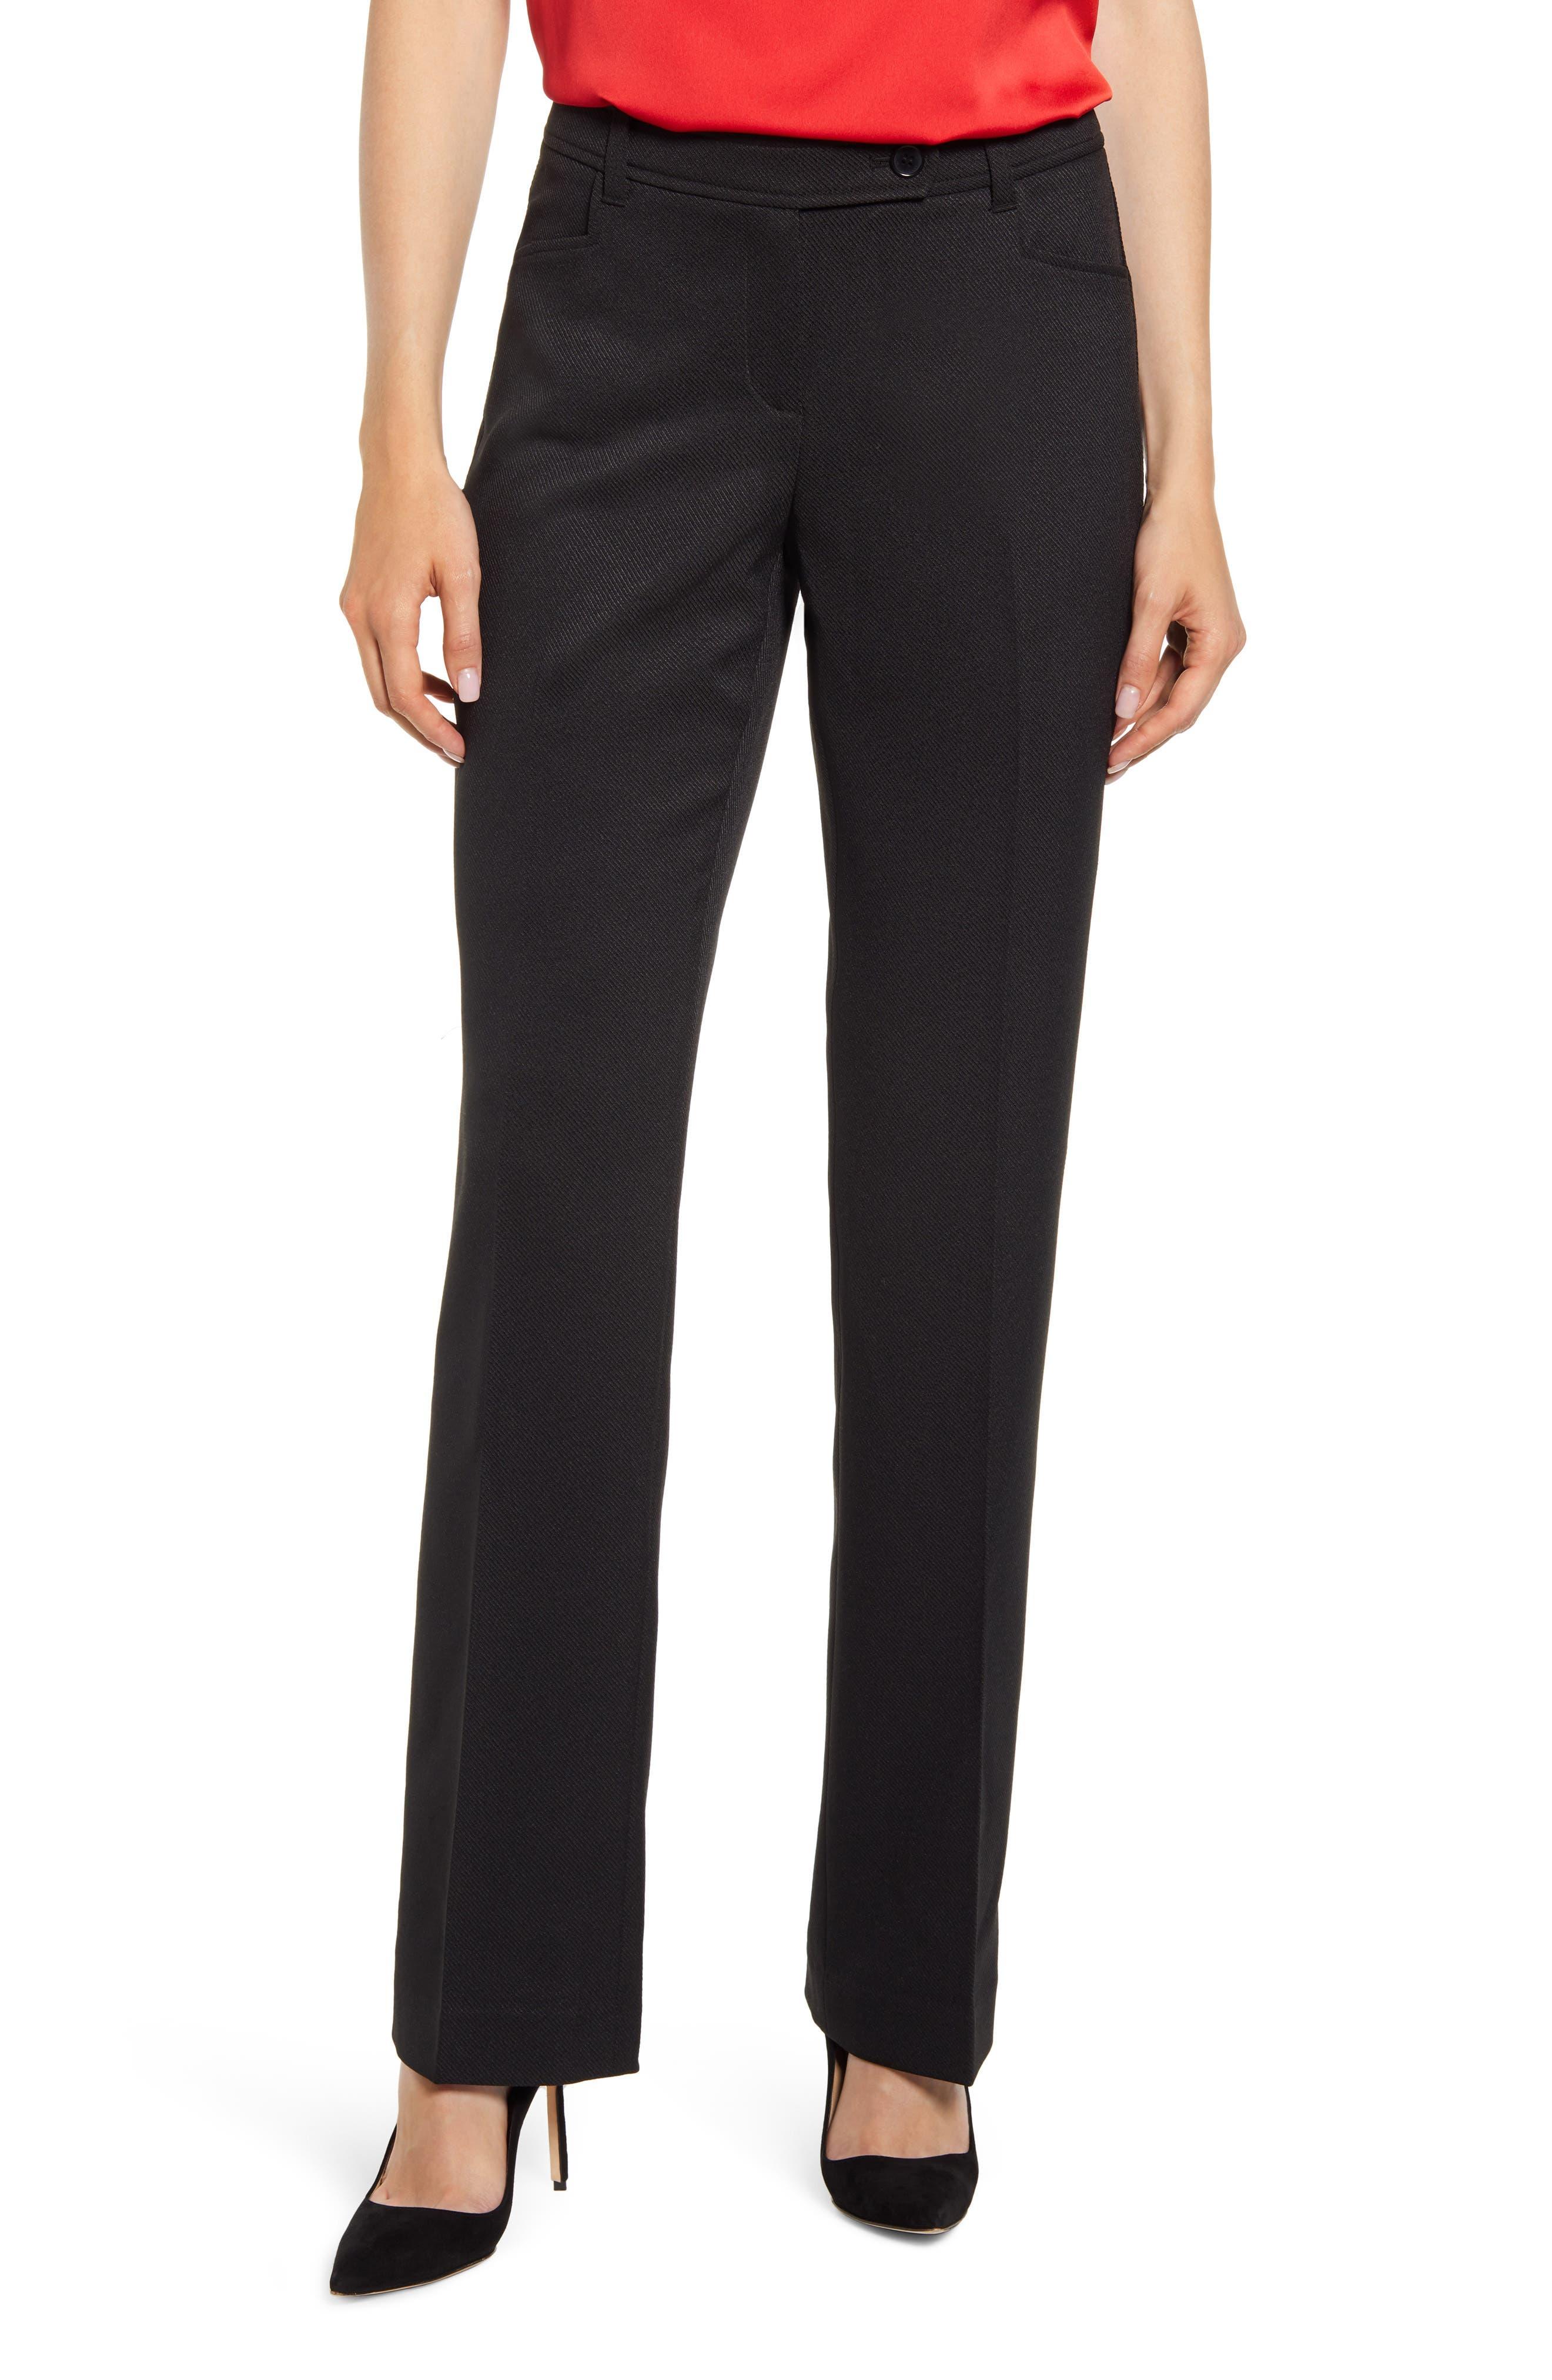 Women's Anne Klein Mini Flare Leg Black Pants